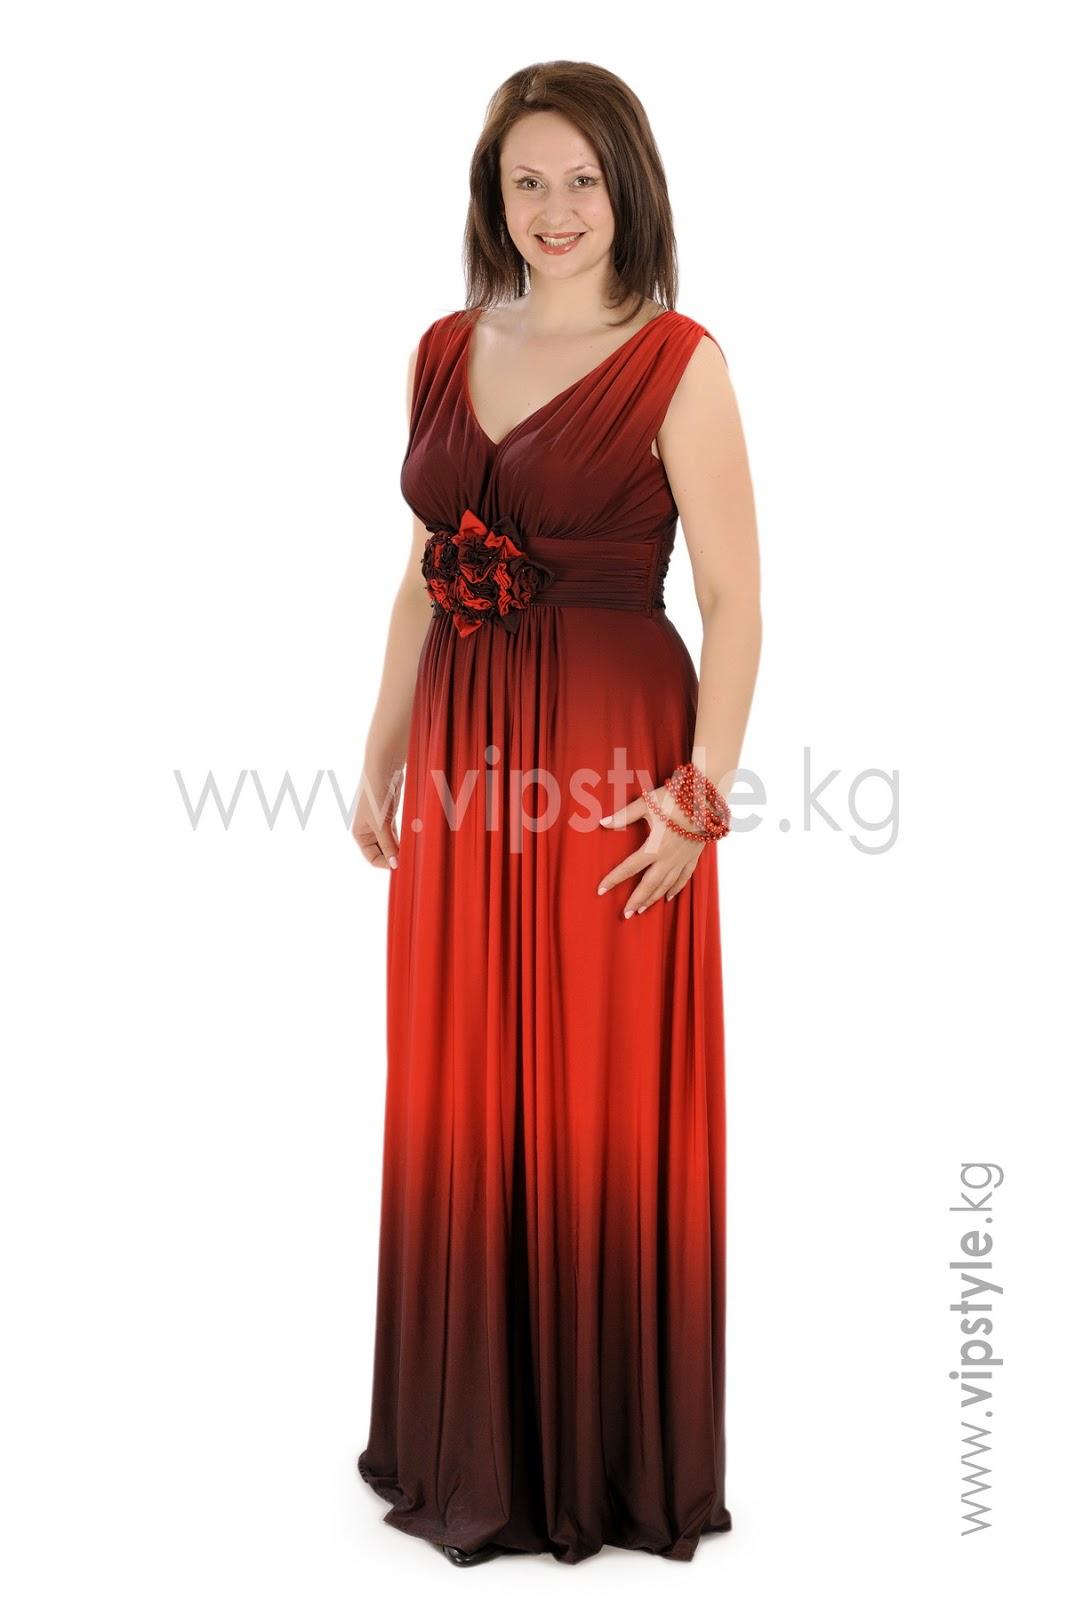 Вечерние платья больших размеров на свадьбу для мамы жениха фото